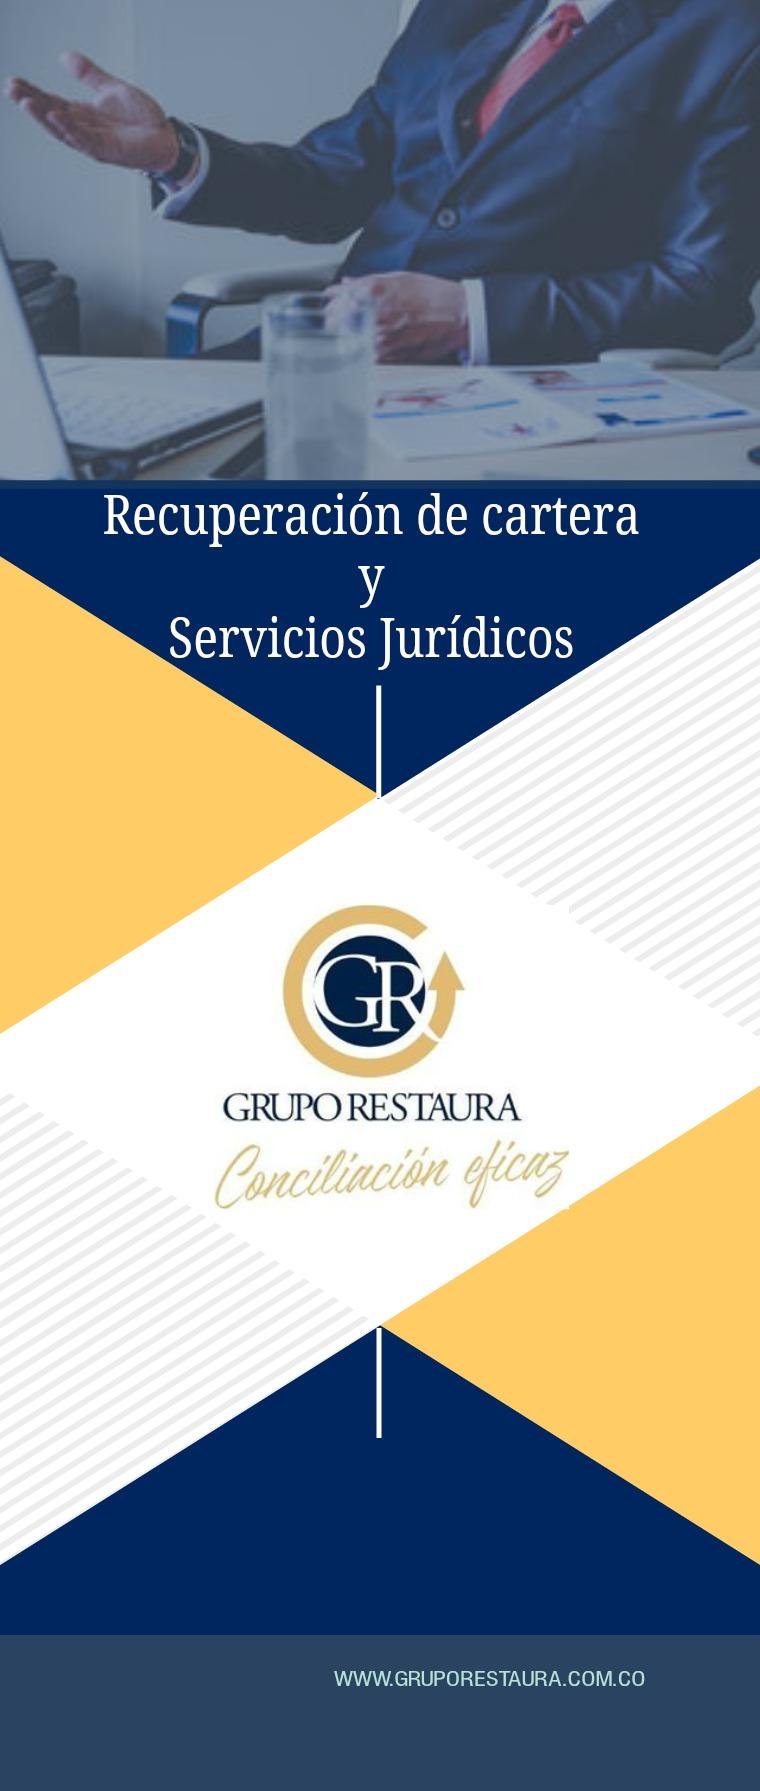 GRUPO JURÏDICO RESTAURA Grupo Jurídico Restaura